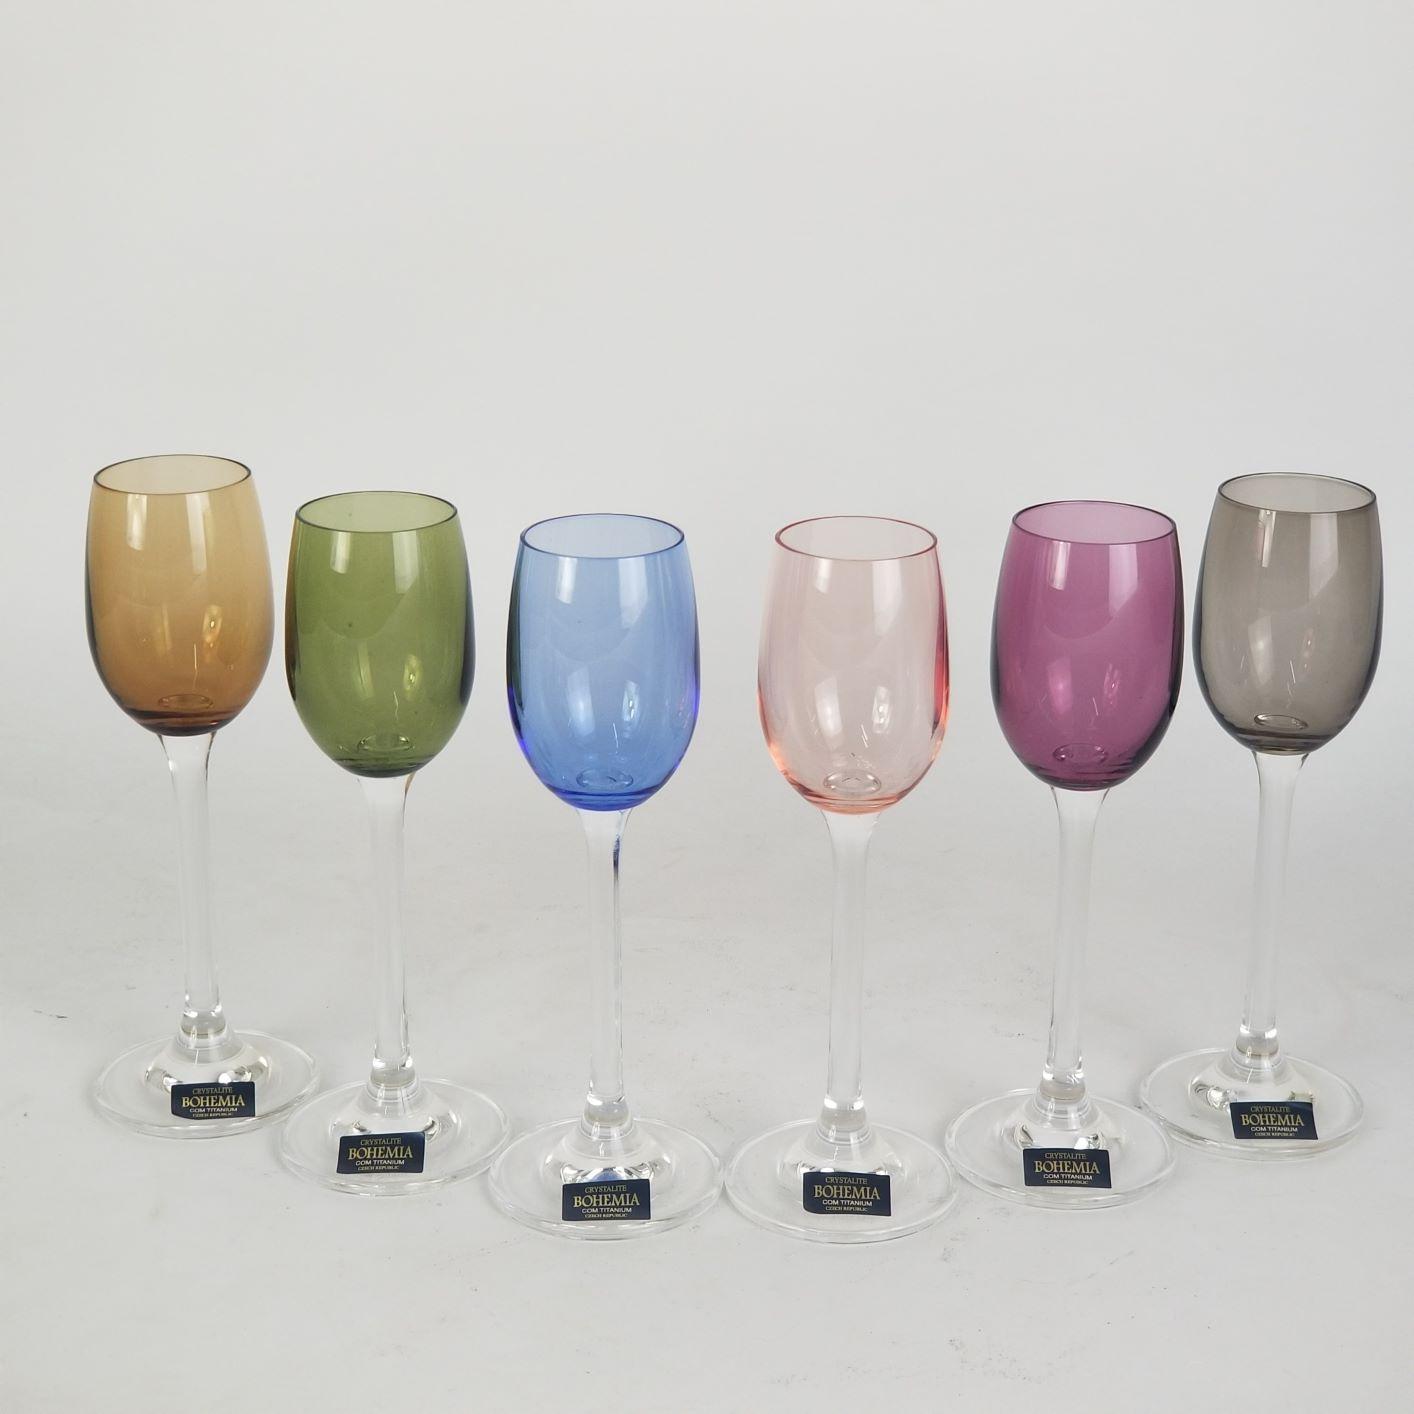 Jogo Taças Cristal Bohemia Coloridas De Licor 65ml (6 Peças)